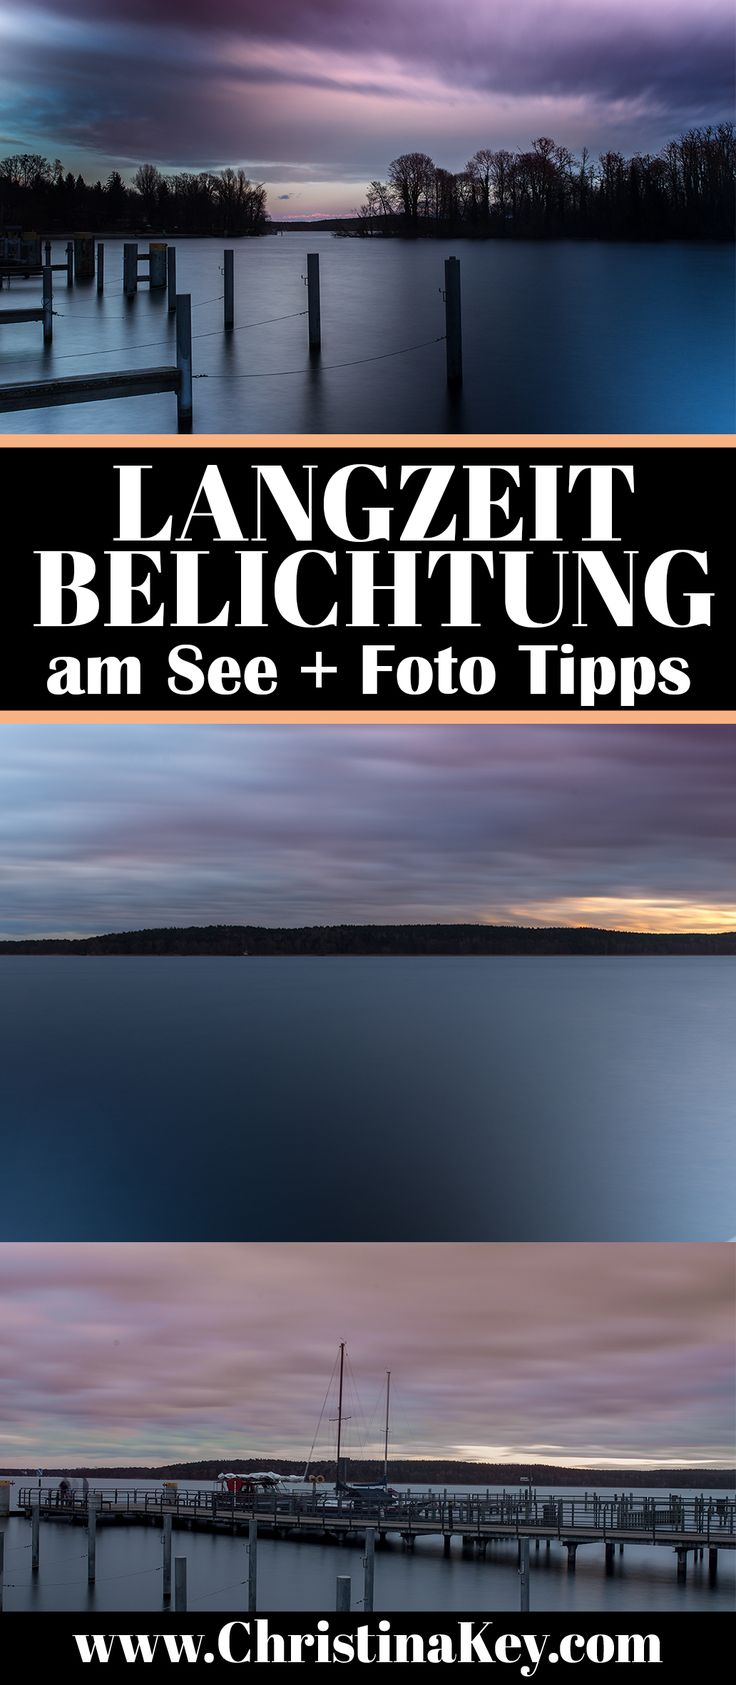 LANGZEITBELICHTUNG AM SEE – FOTOGRAFIE TIPPS und Behind The Scenes Video mit wertvollen Fotografie Tipps - Jetzt entdecken auf CHRISTINA KEY - dem Fotografie, Blogger Tipps, Rezepte, Mode und DIY Blog aus Berlin, Deutschland